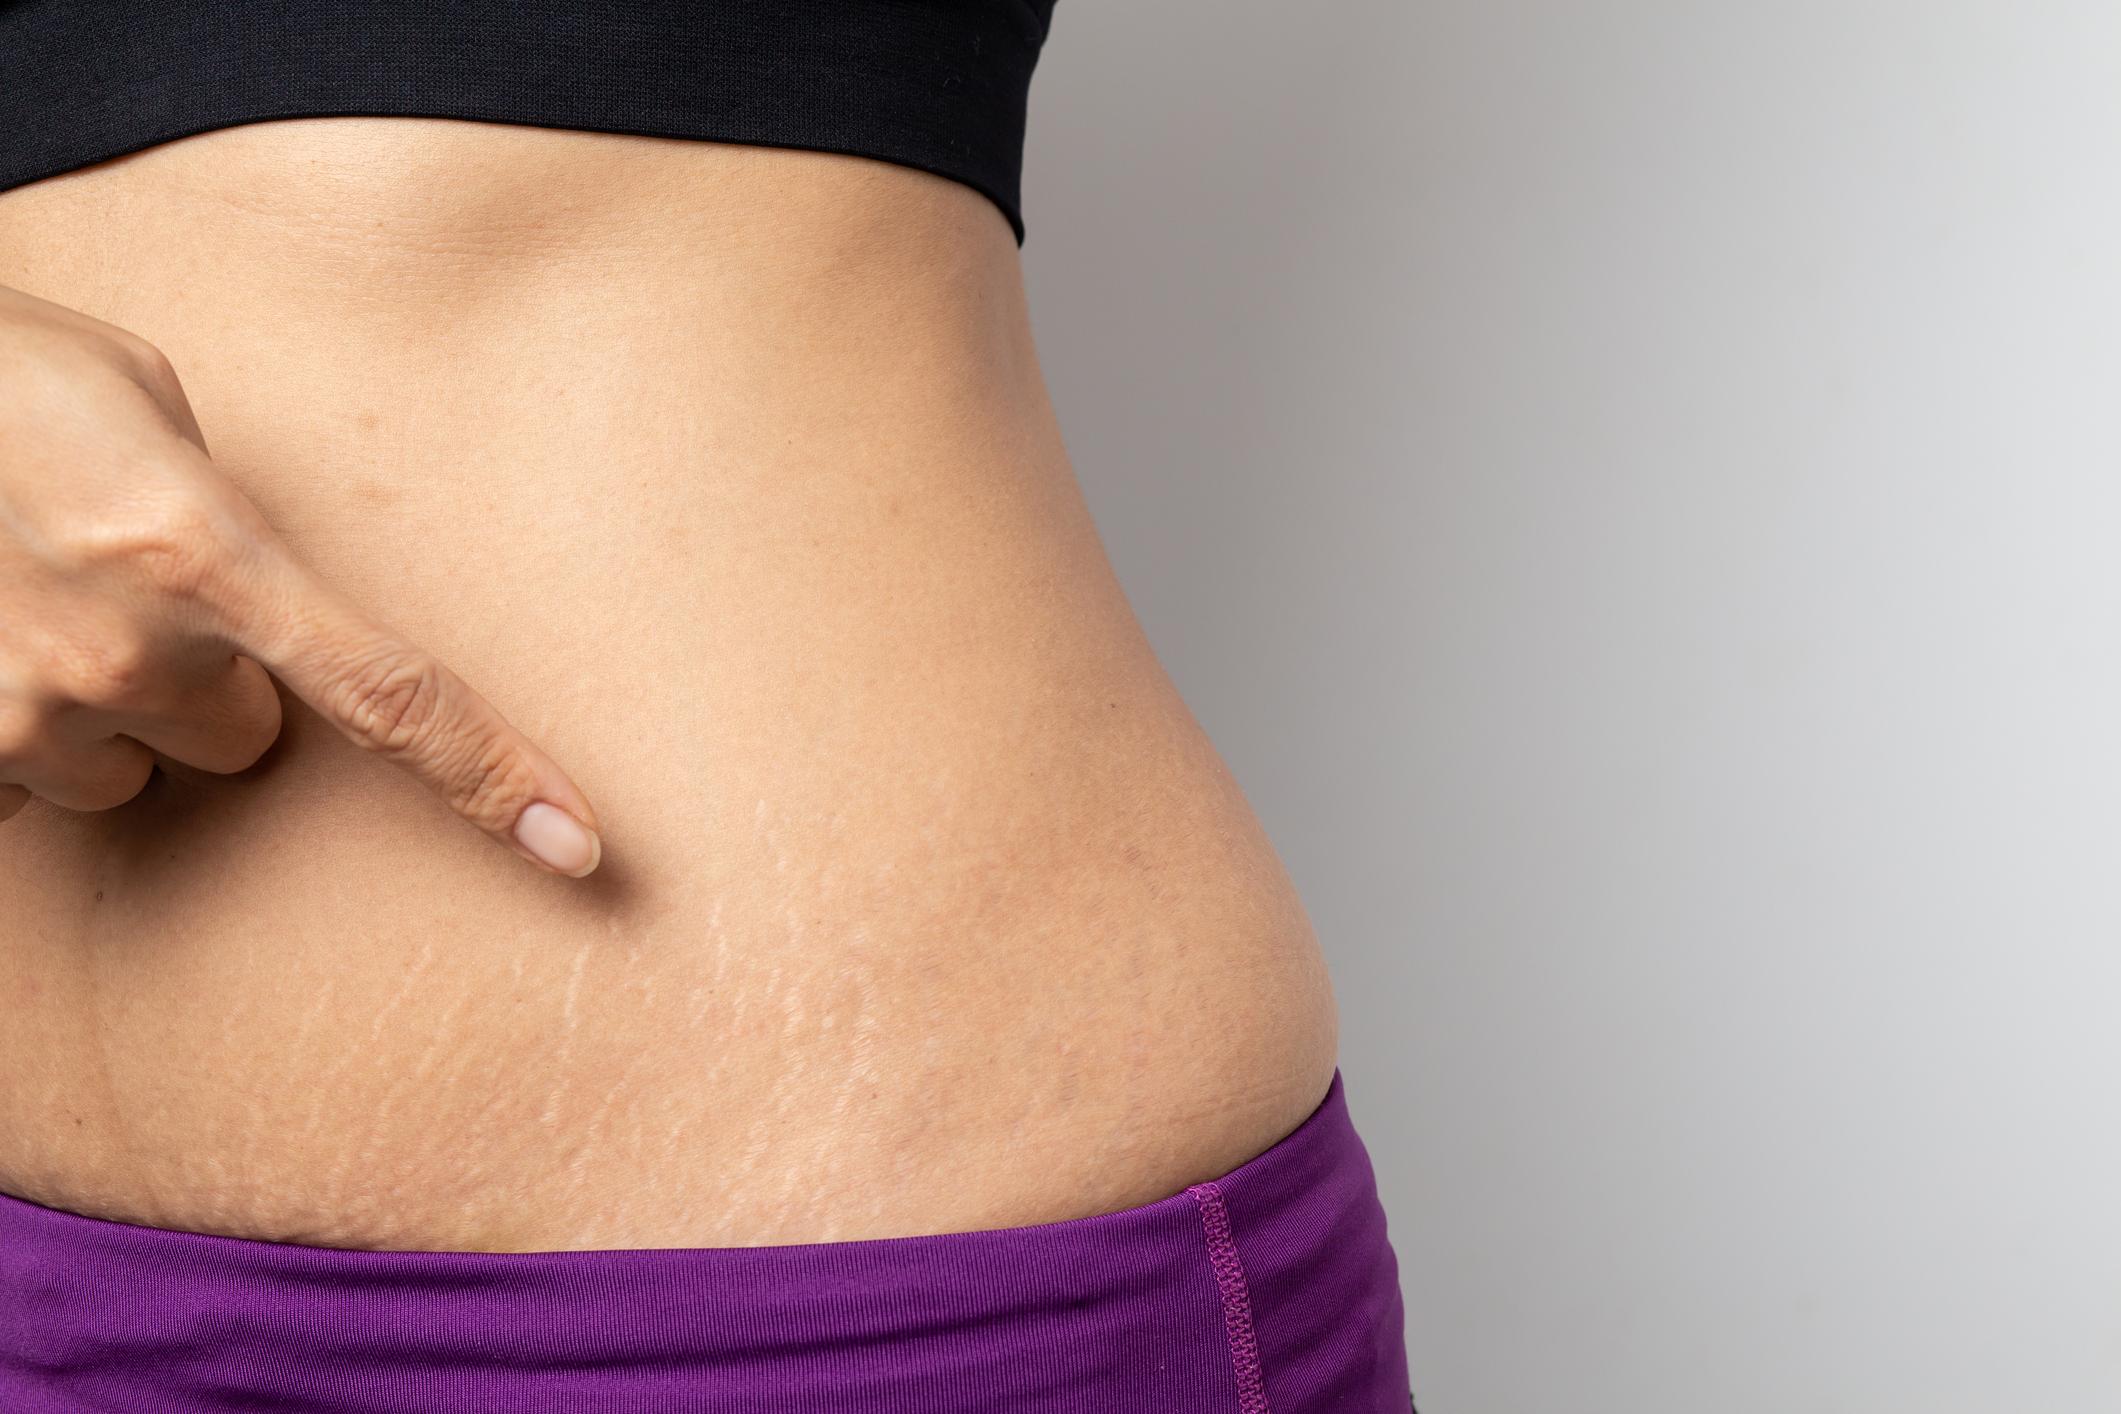 fogyás feloldva felülvizsgálat a fogyás legjobb módja 2 hét